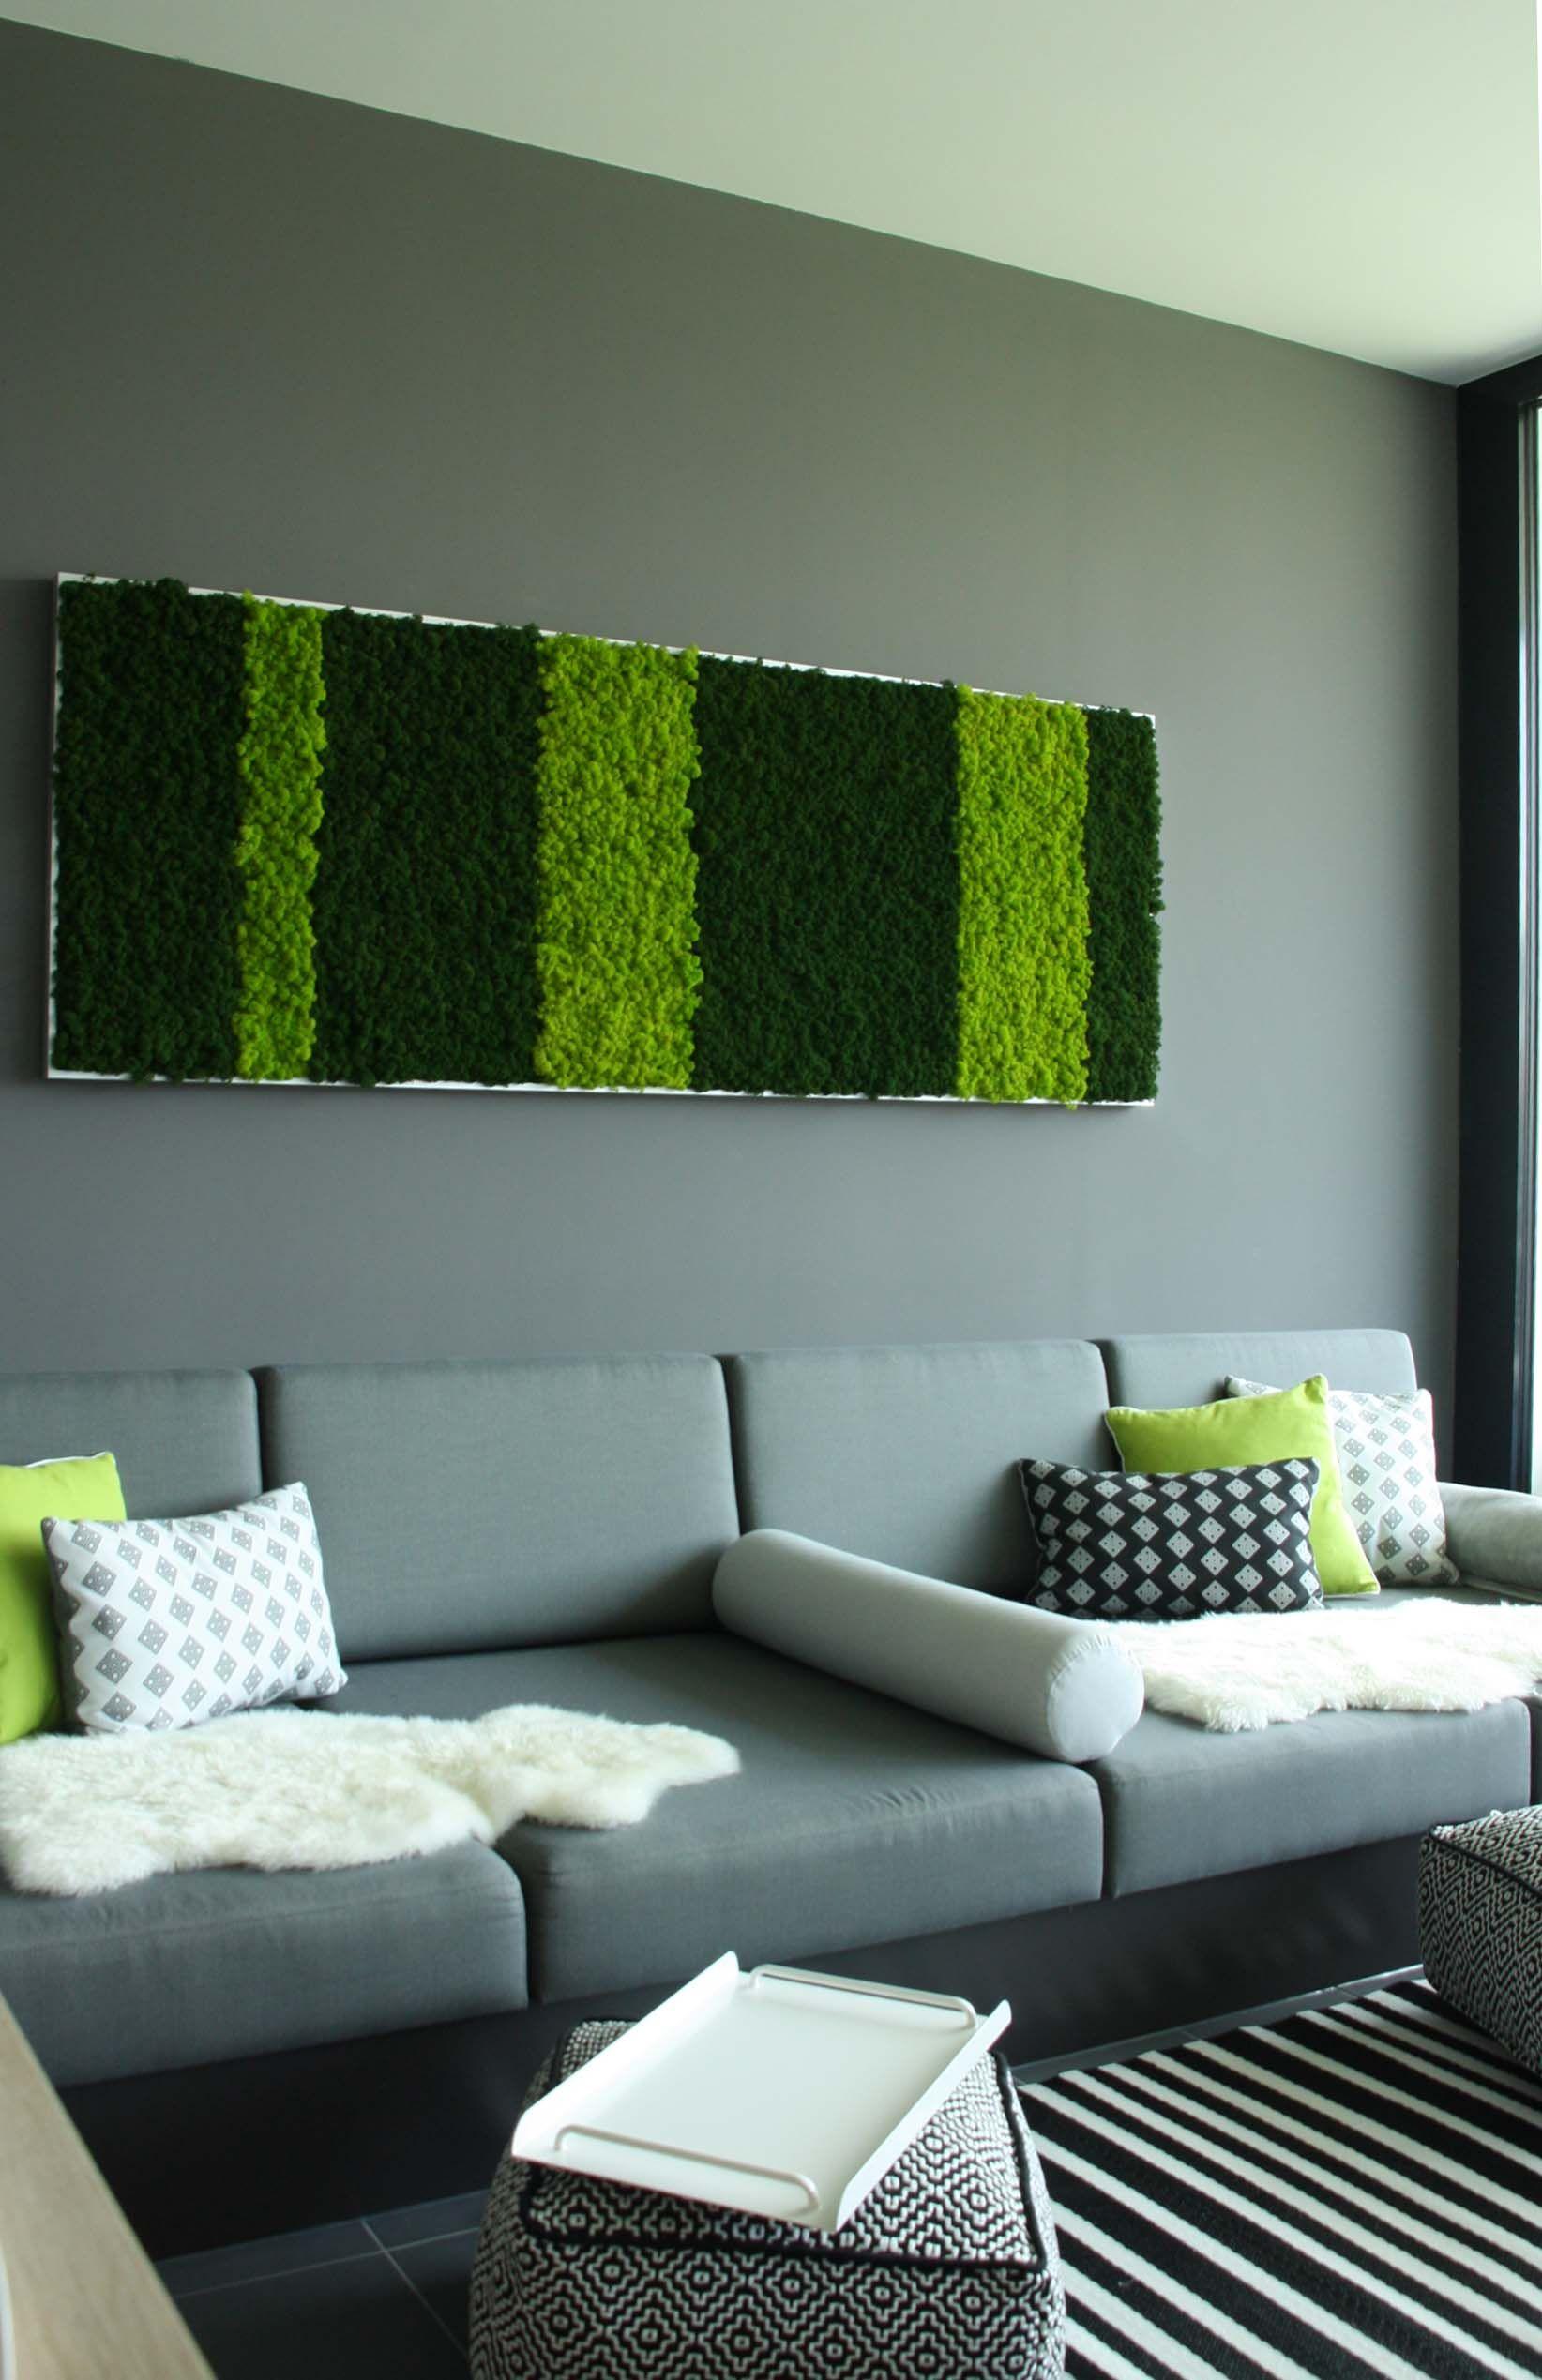 Islandmoos 3d wandpaneele und moosplatten konserviert living urban pinterest w nde moos - Schall reduzieren wohnzimmer ...